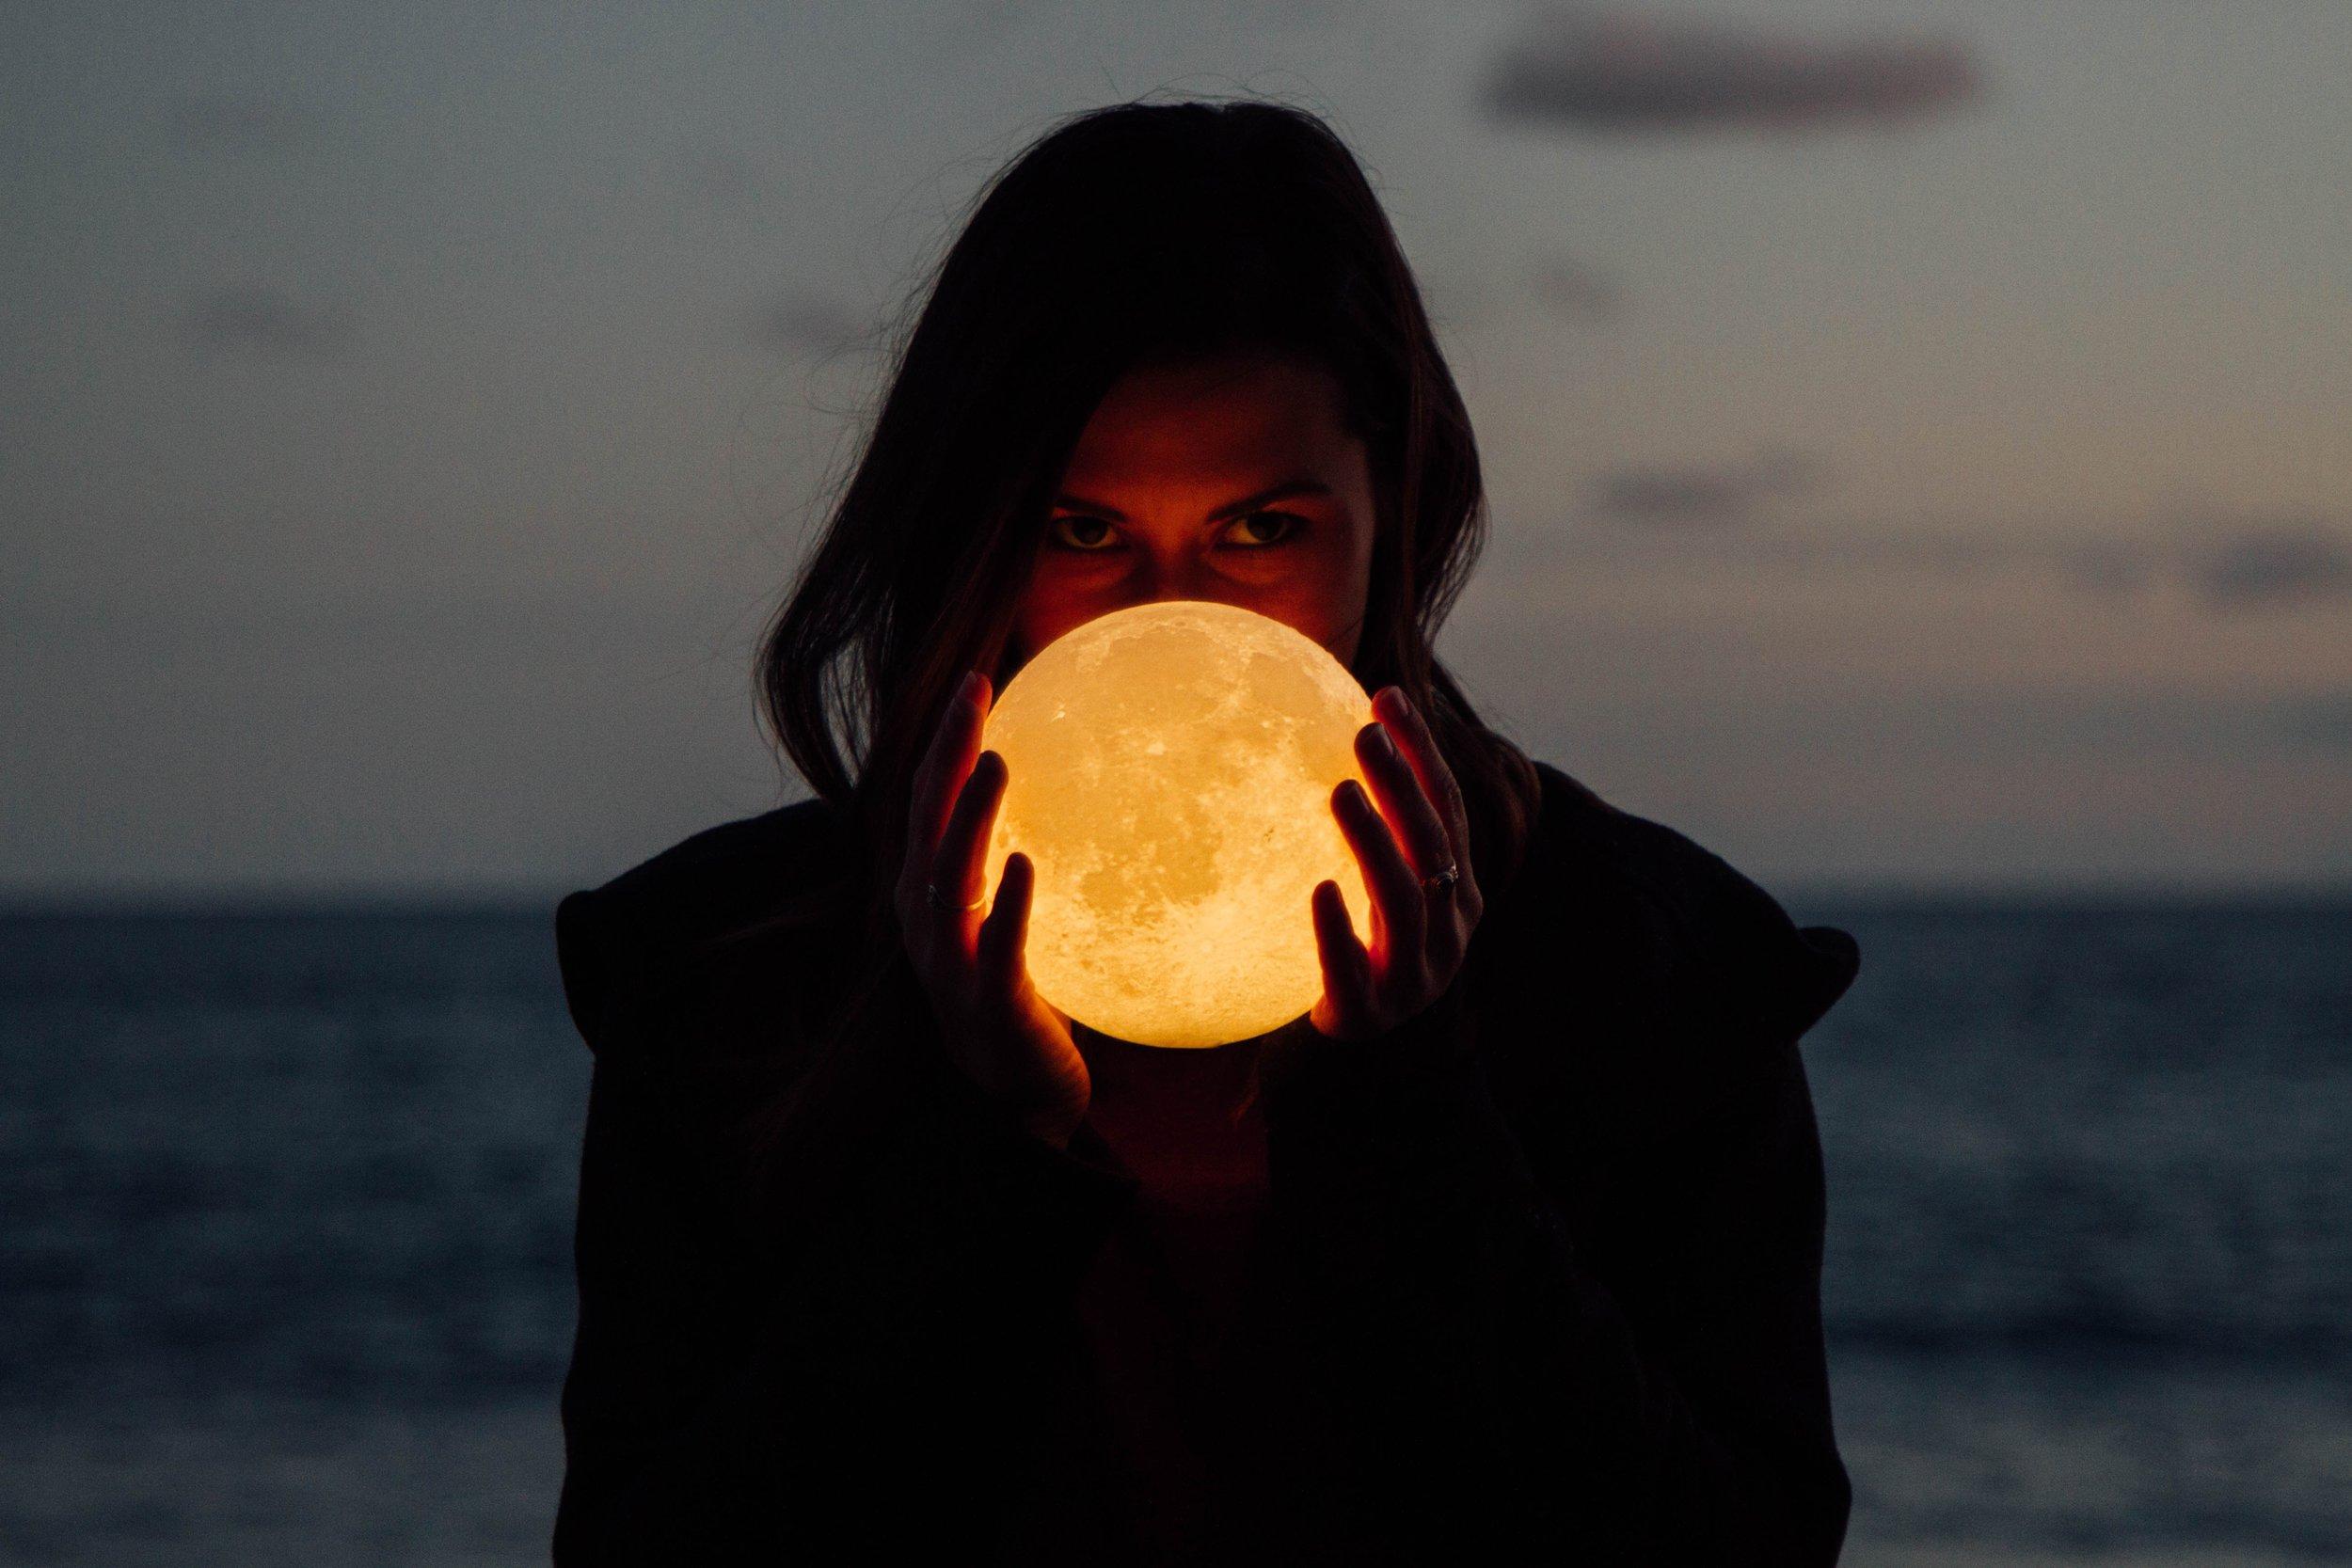 full Moon Unsplash